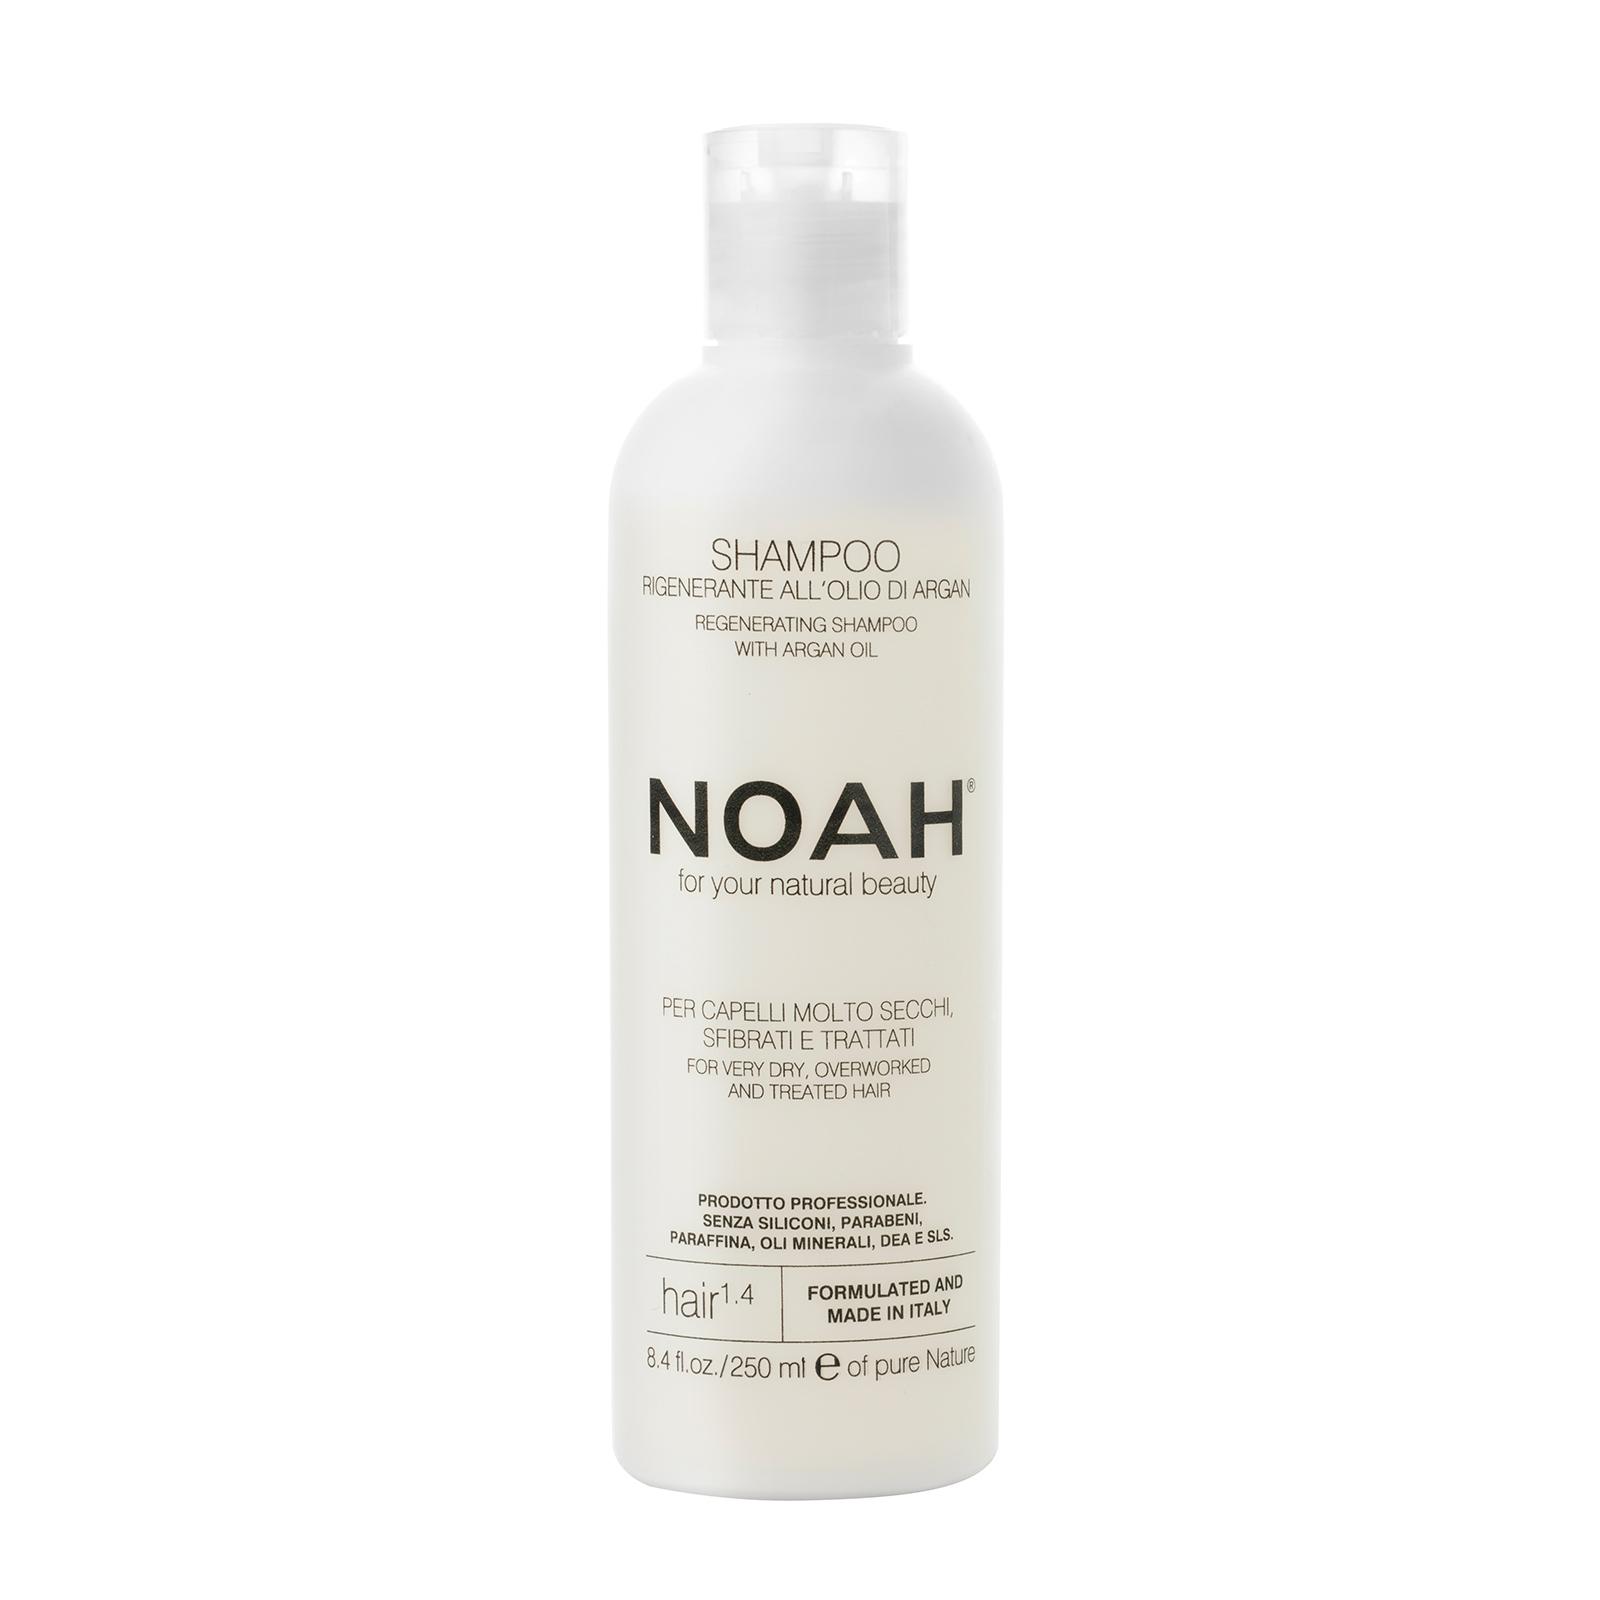 Šampūnas NOAH sausiems ir chemiškai pažeistiems plaukams, 250 ml